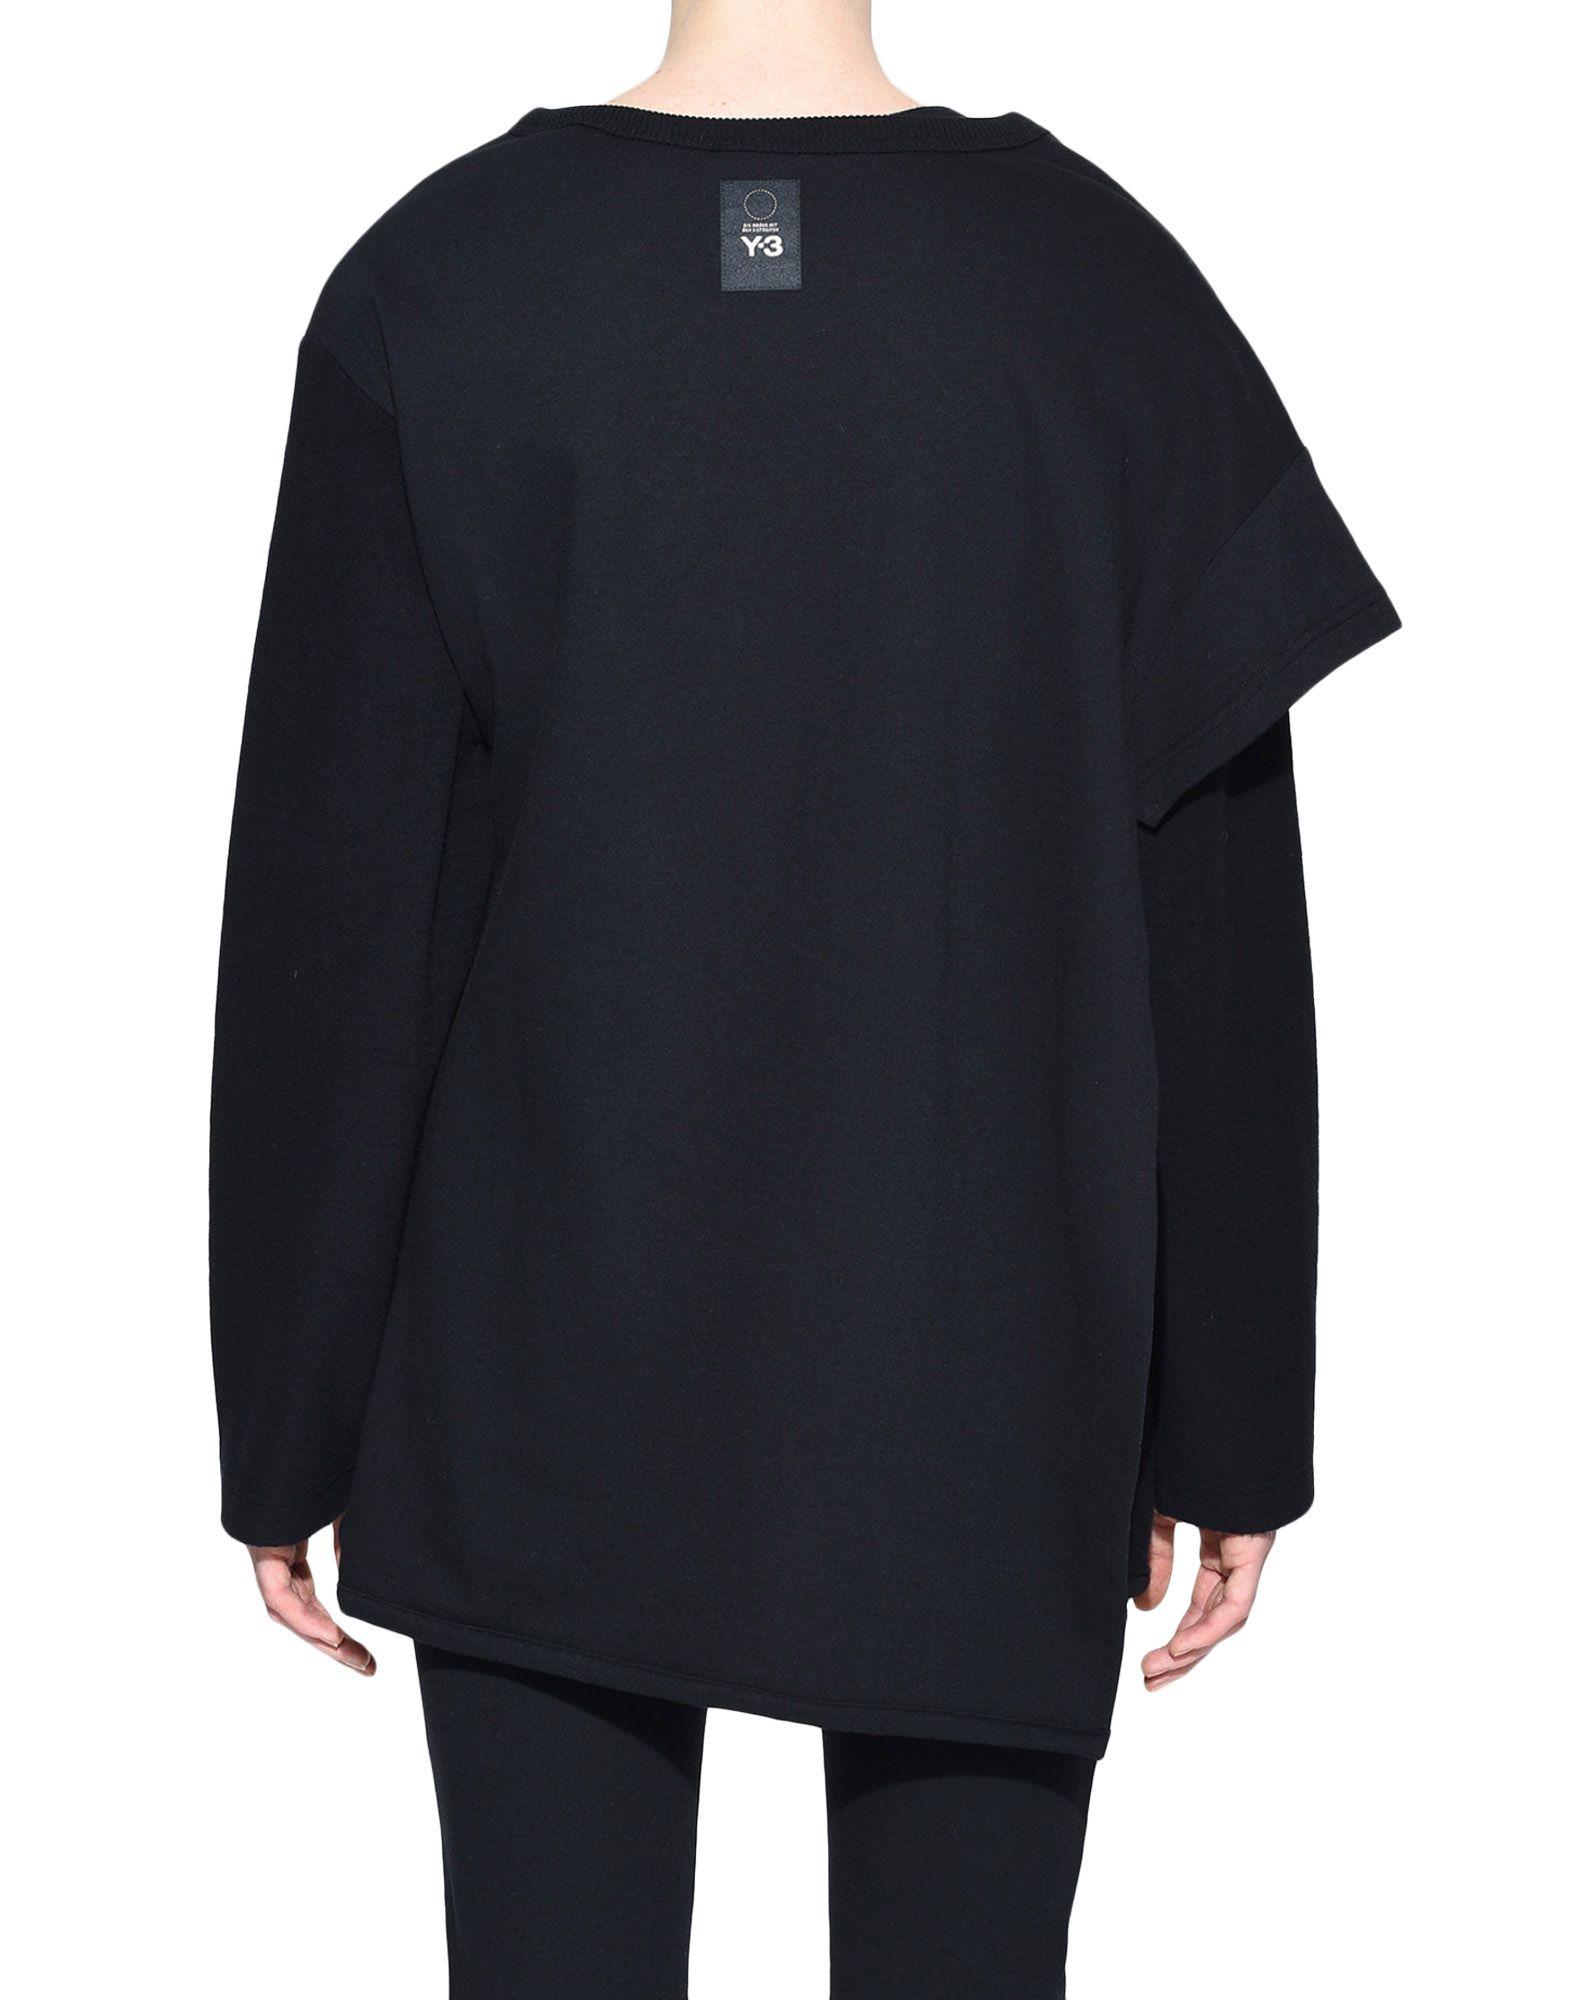 Y-3 Y-3 Two-Layer Fleece Sweater Sweatshirt Woman d